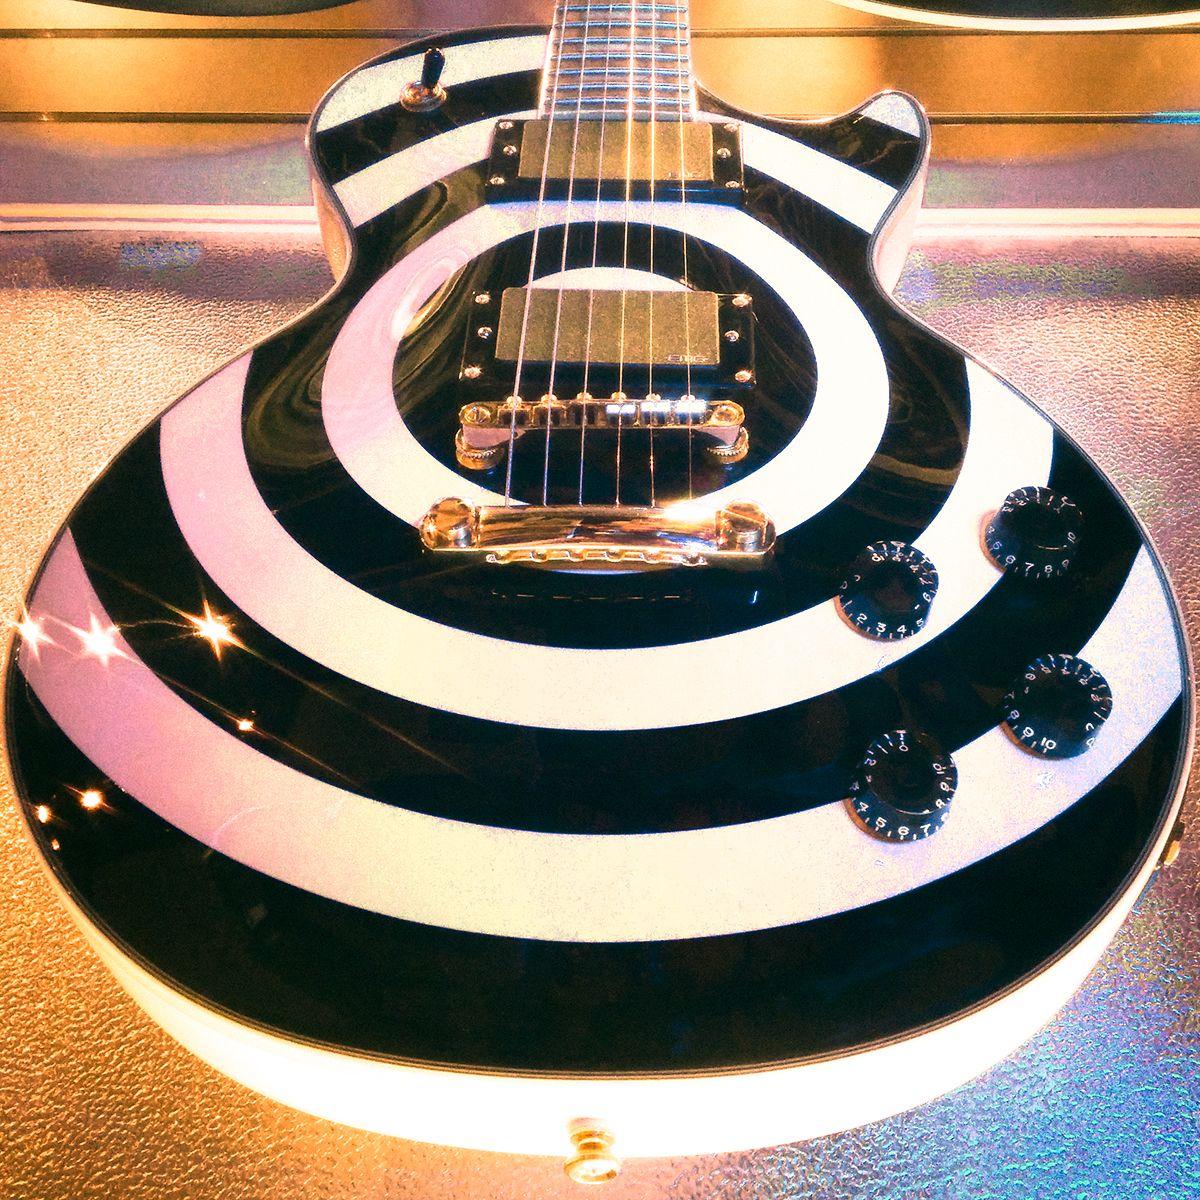 #epiphone Zakk Wylde Les Paul Custom Plus Bullseye #guitar #electricguitar